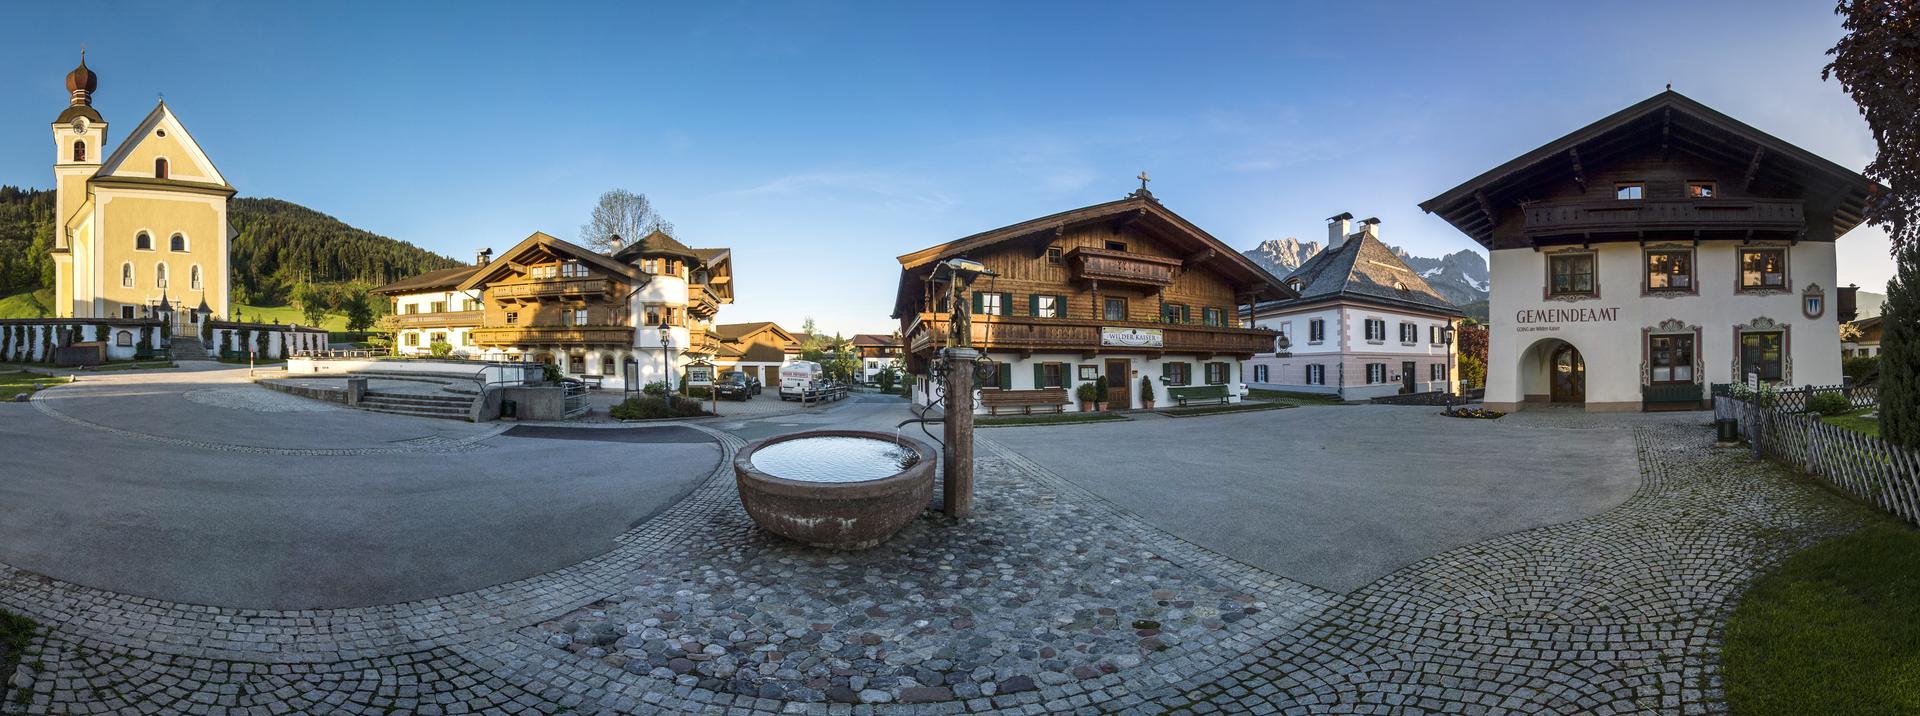 Panorama dorfplatz going foto von felbert reiter danielreiterpetervonfelbert